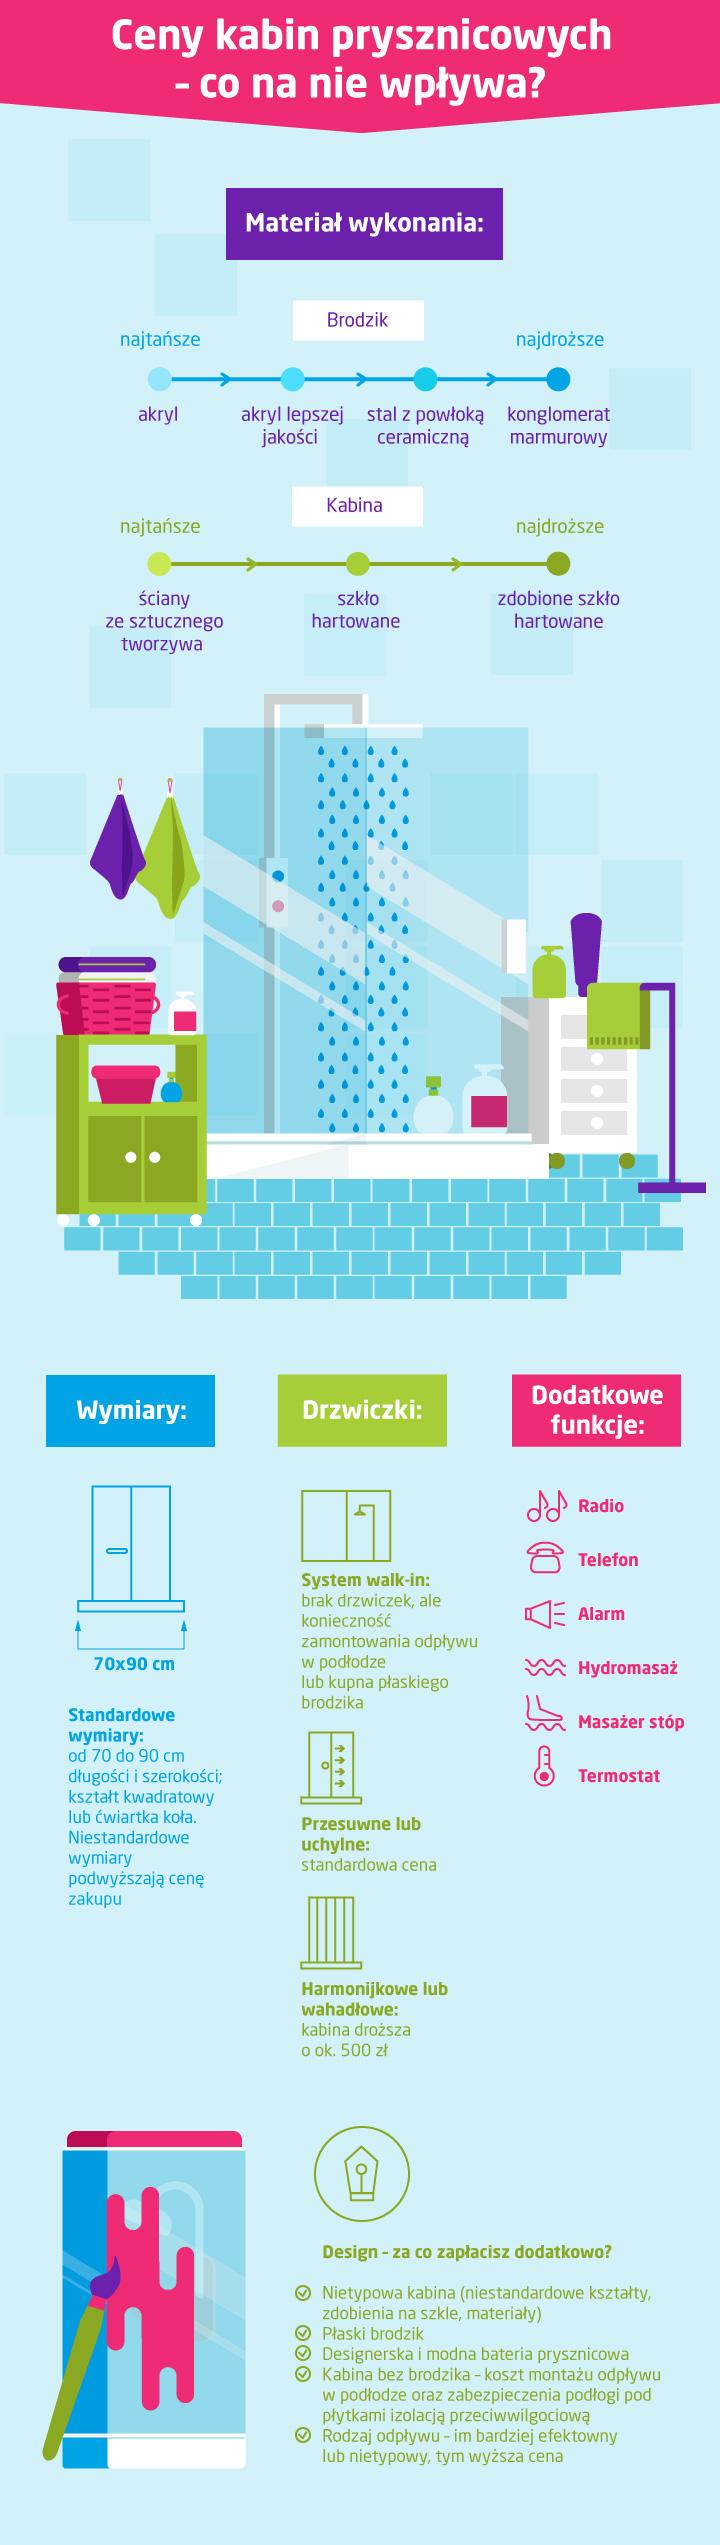 ceny kabin prysznicowych - infografika